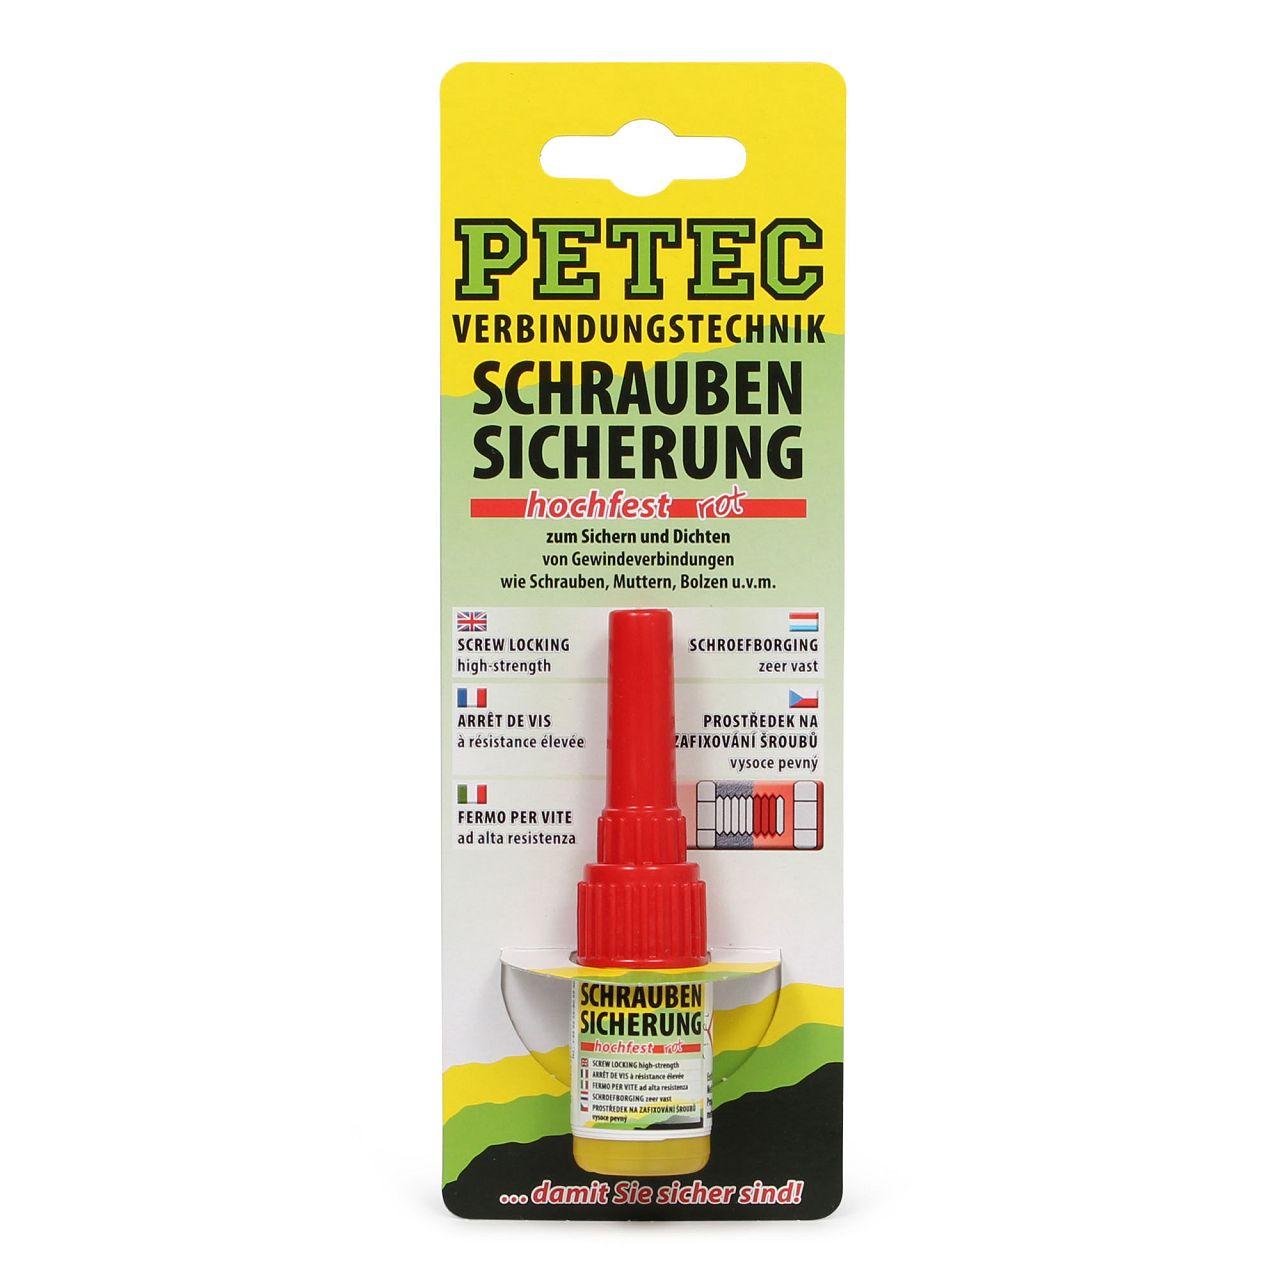 PETEC 92005 Schraubensicherung hochfest Sicherungskleber Klebstoff 5g ROT